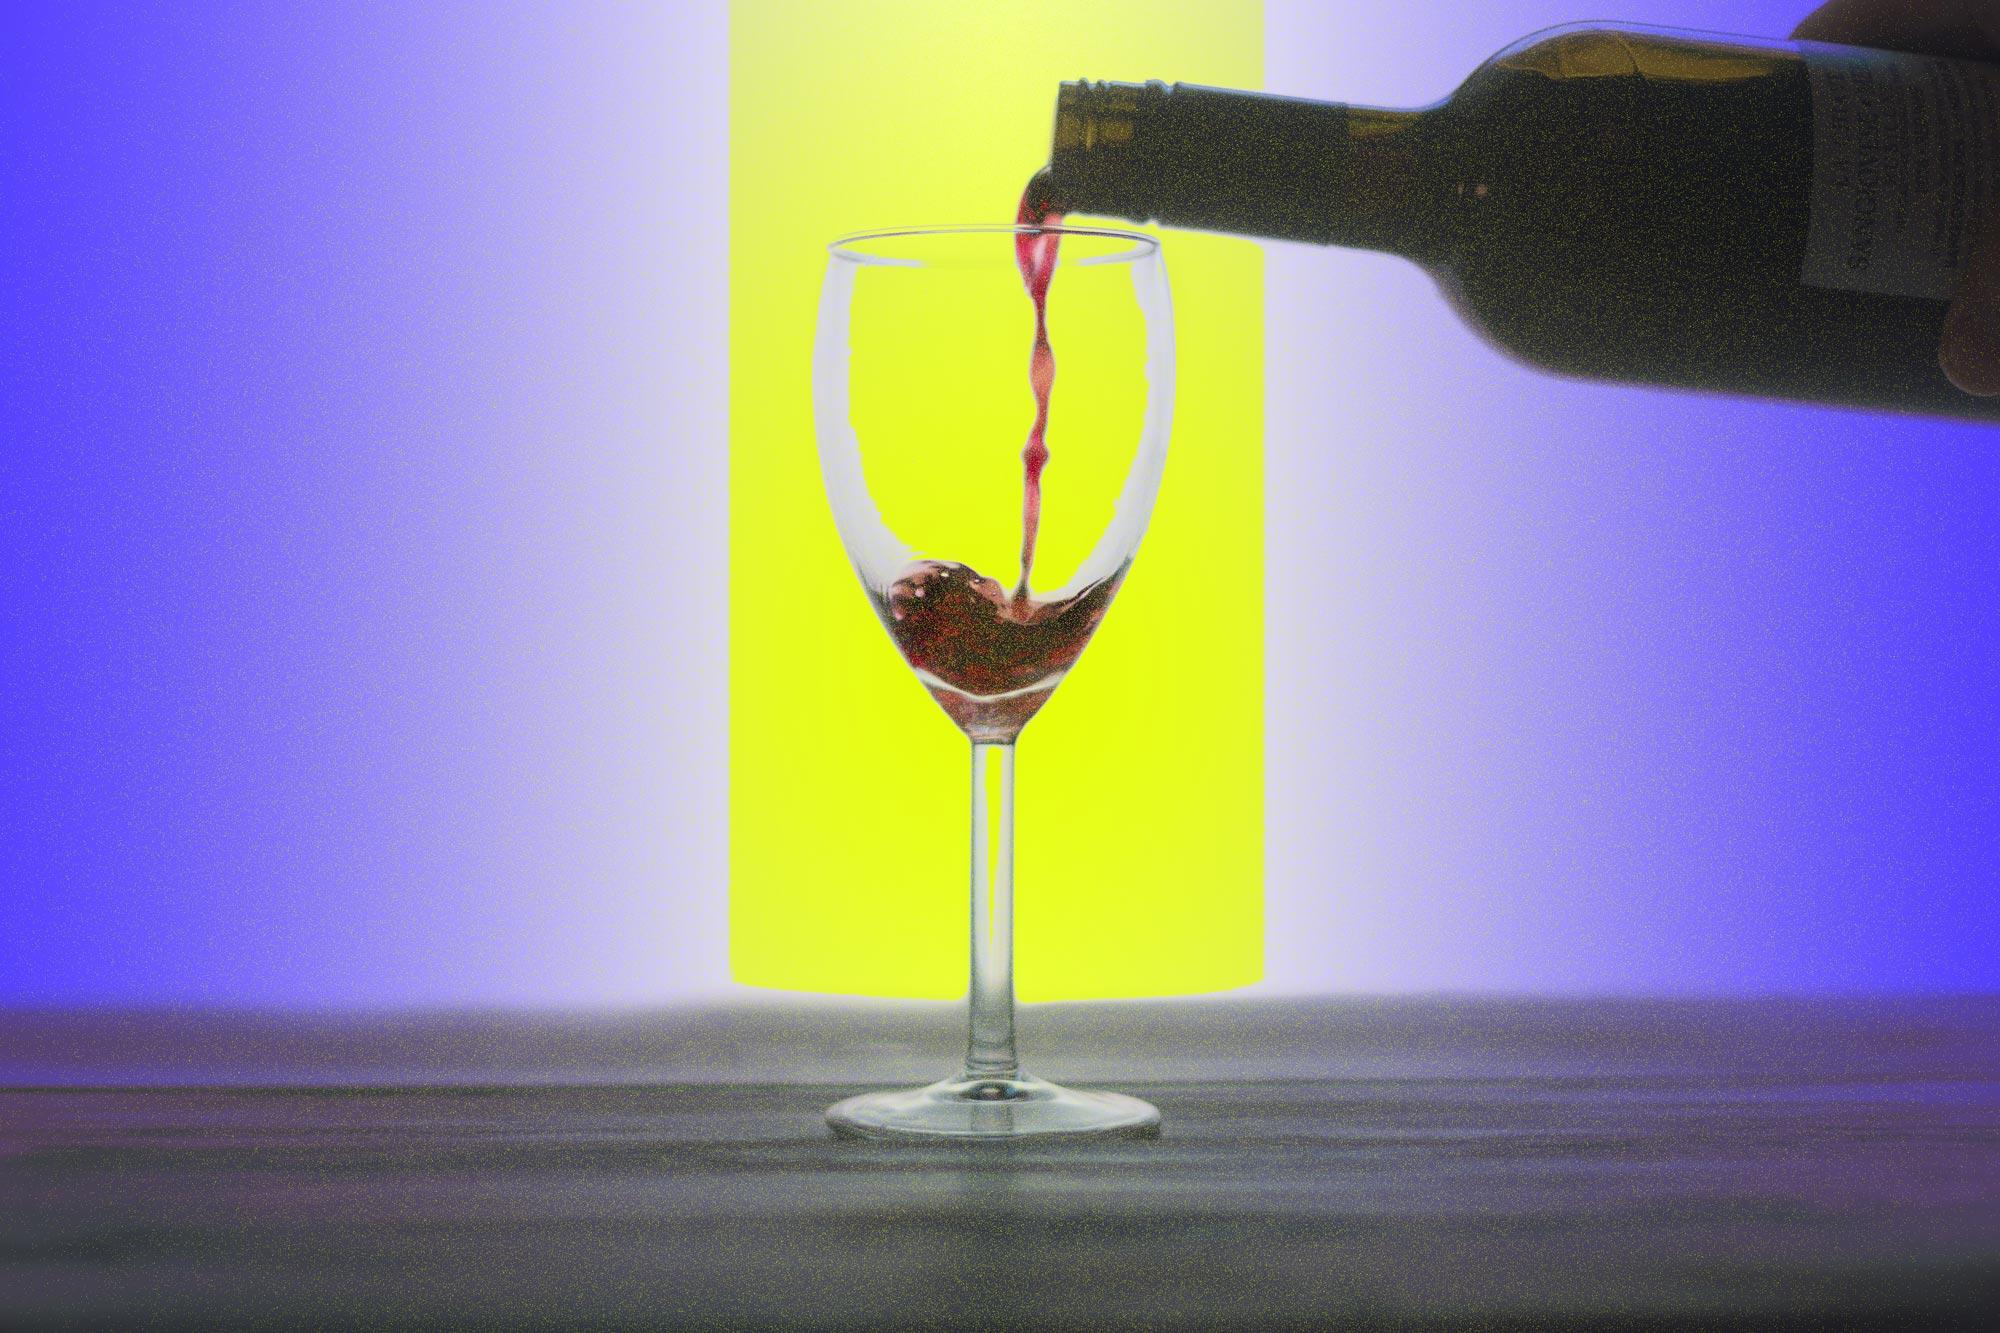 alkoholizm 01 - <b>Не надо спасать.</b> Рассказываем, как (не) помогать алкозависимым близким - Заборона